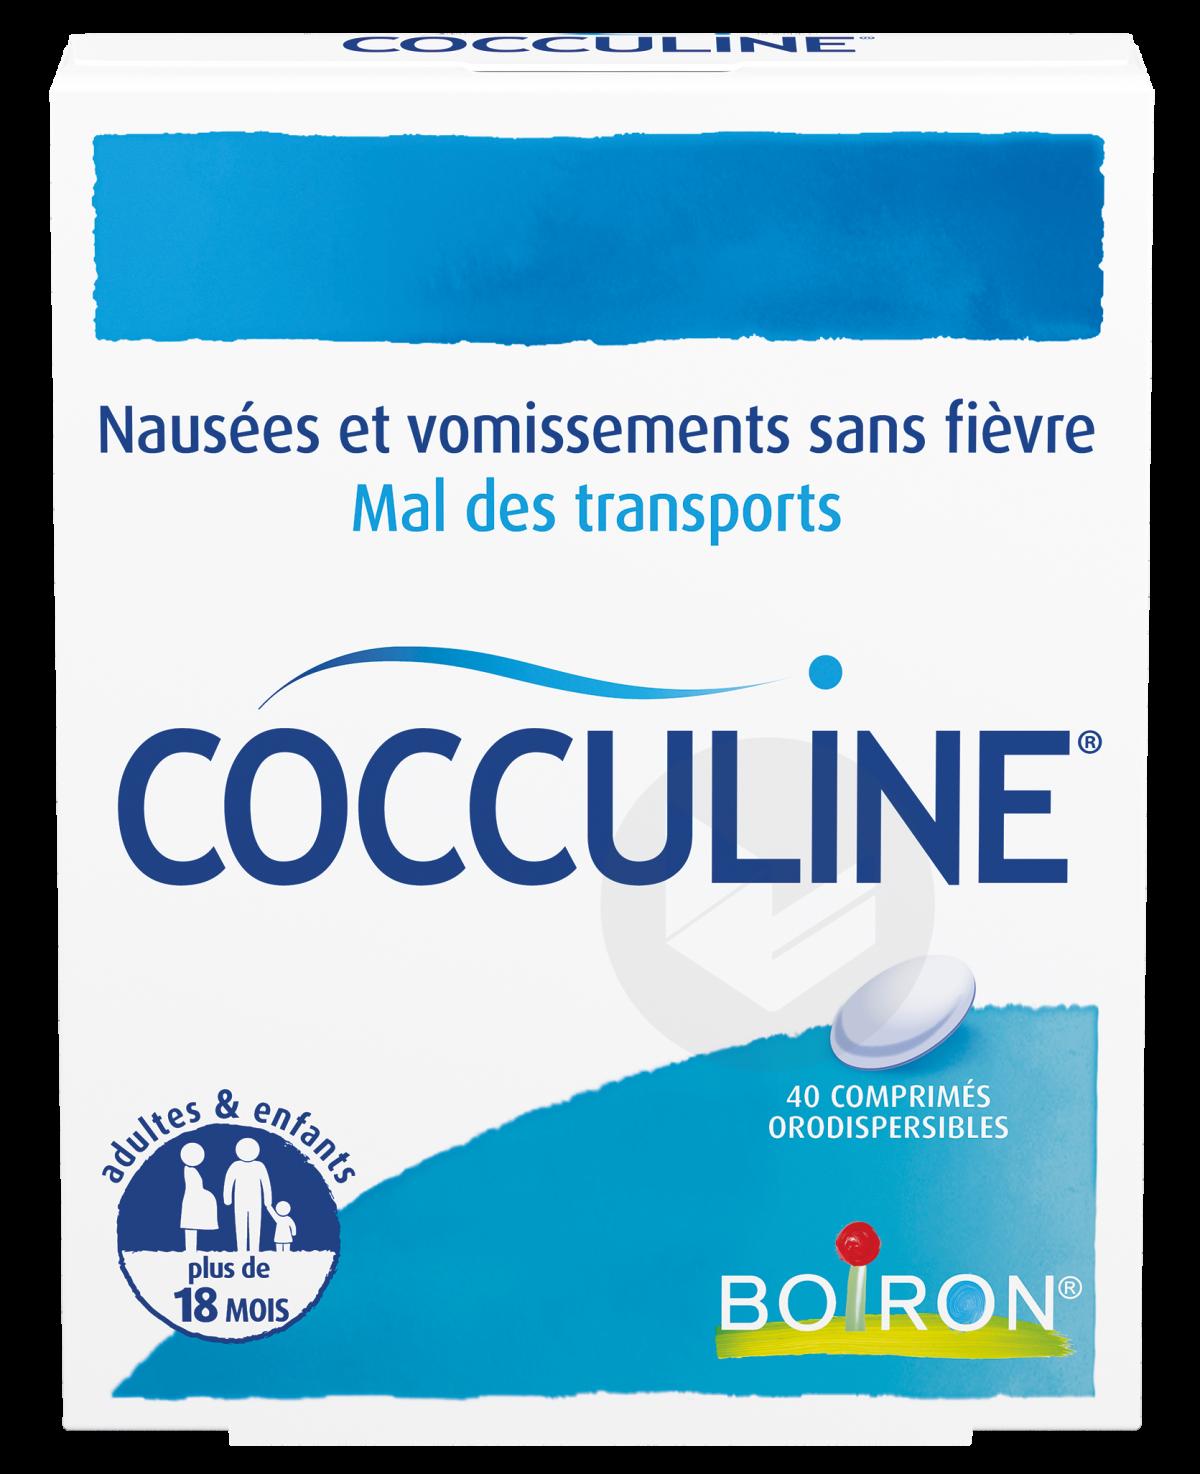 COCCULINE Comprimé orodispersible (Plaquette de 40)